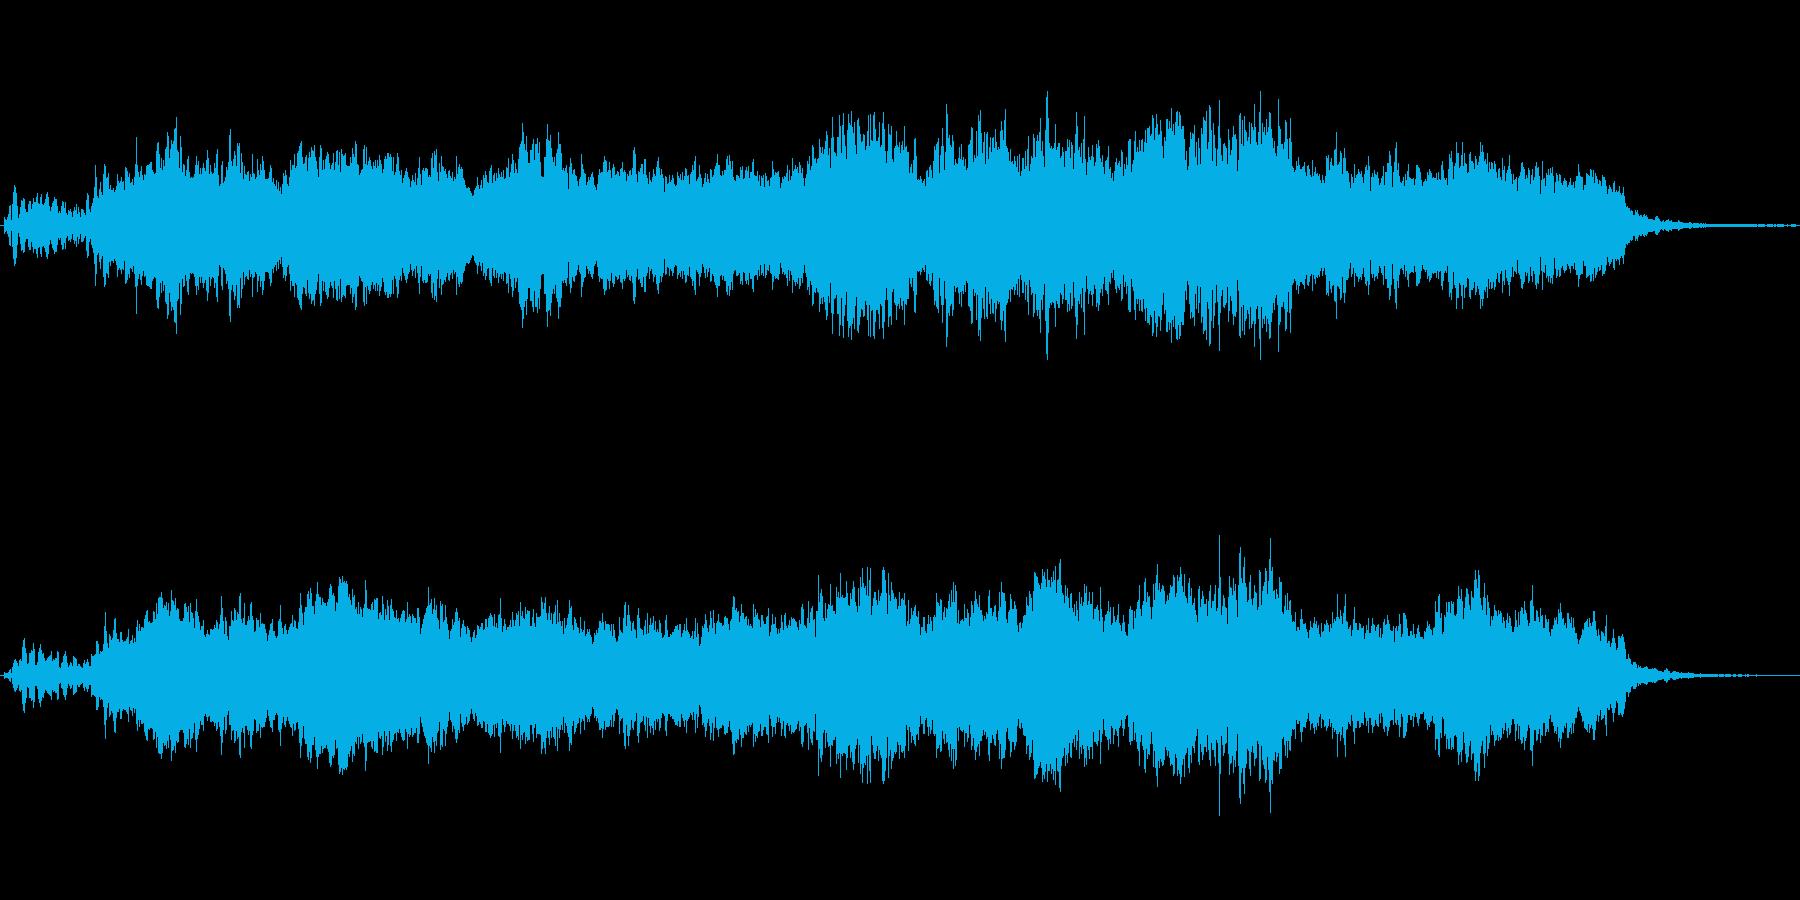 オーボエとシンセのニューエイジ風ジングルの再生済みの波形